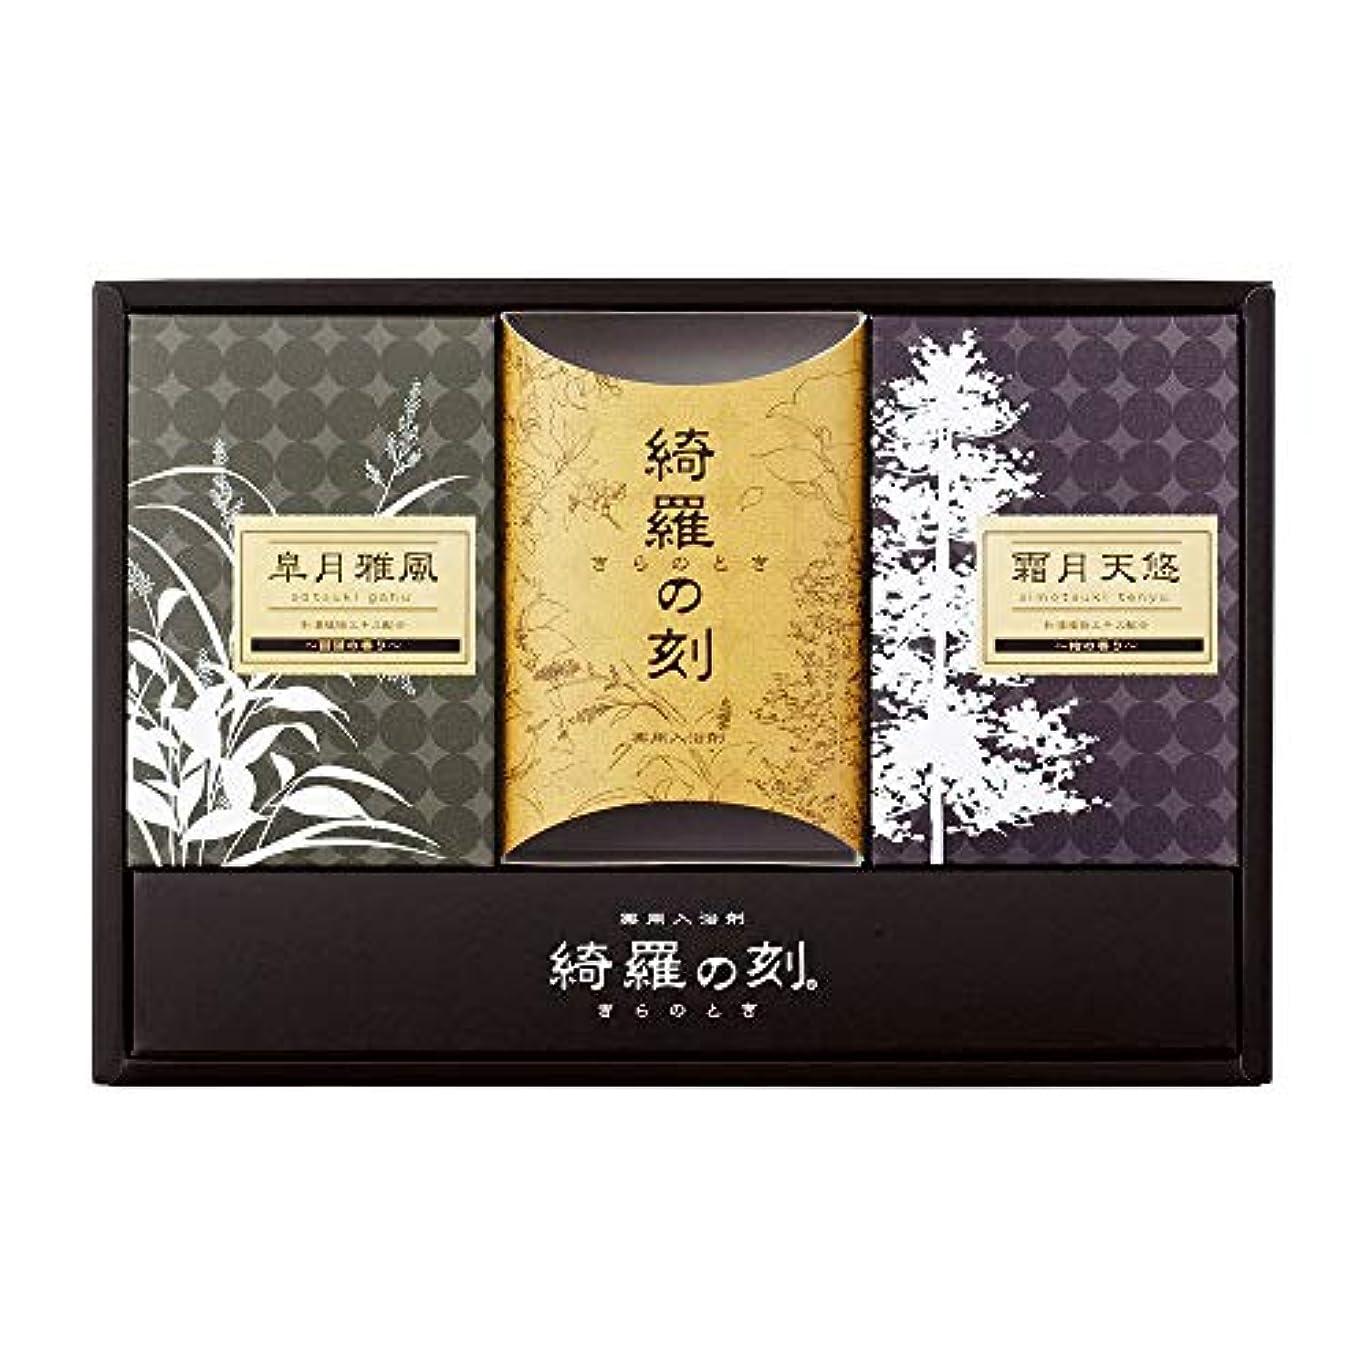 綺羅の刻 薬用ギフト KRA-10 入浴剤ギフト